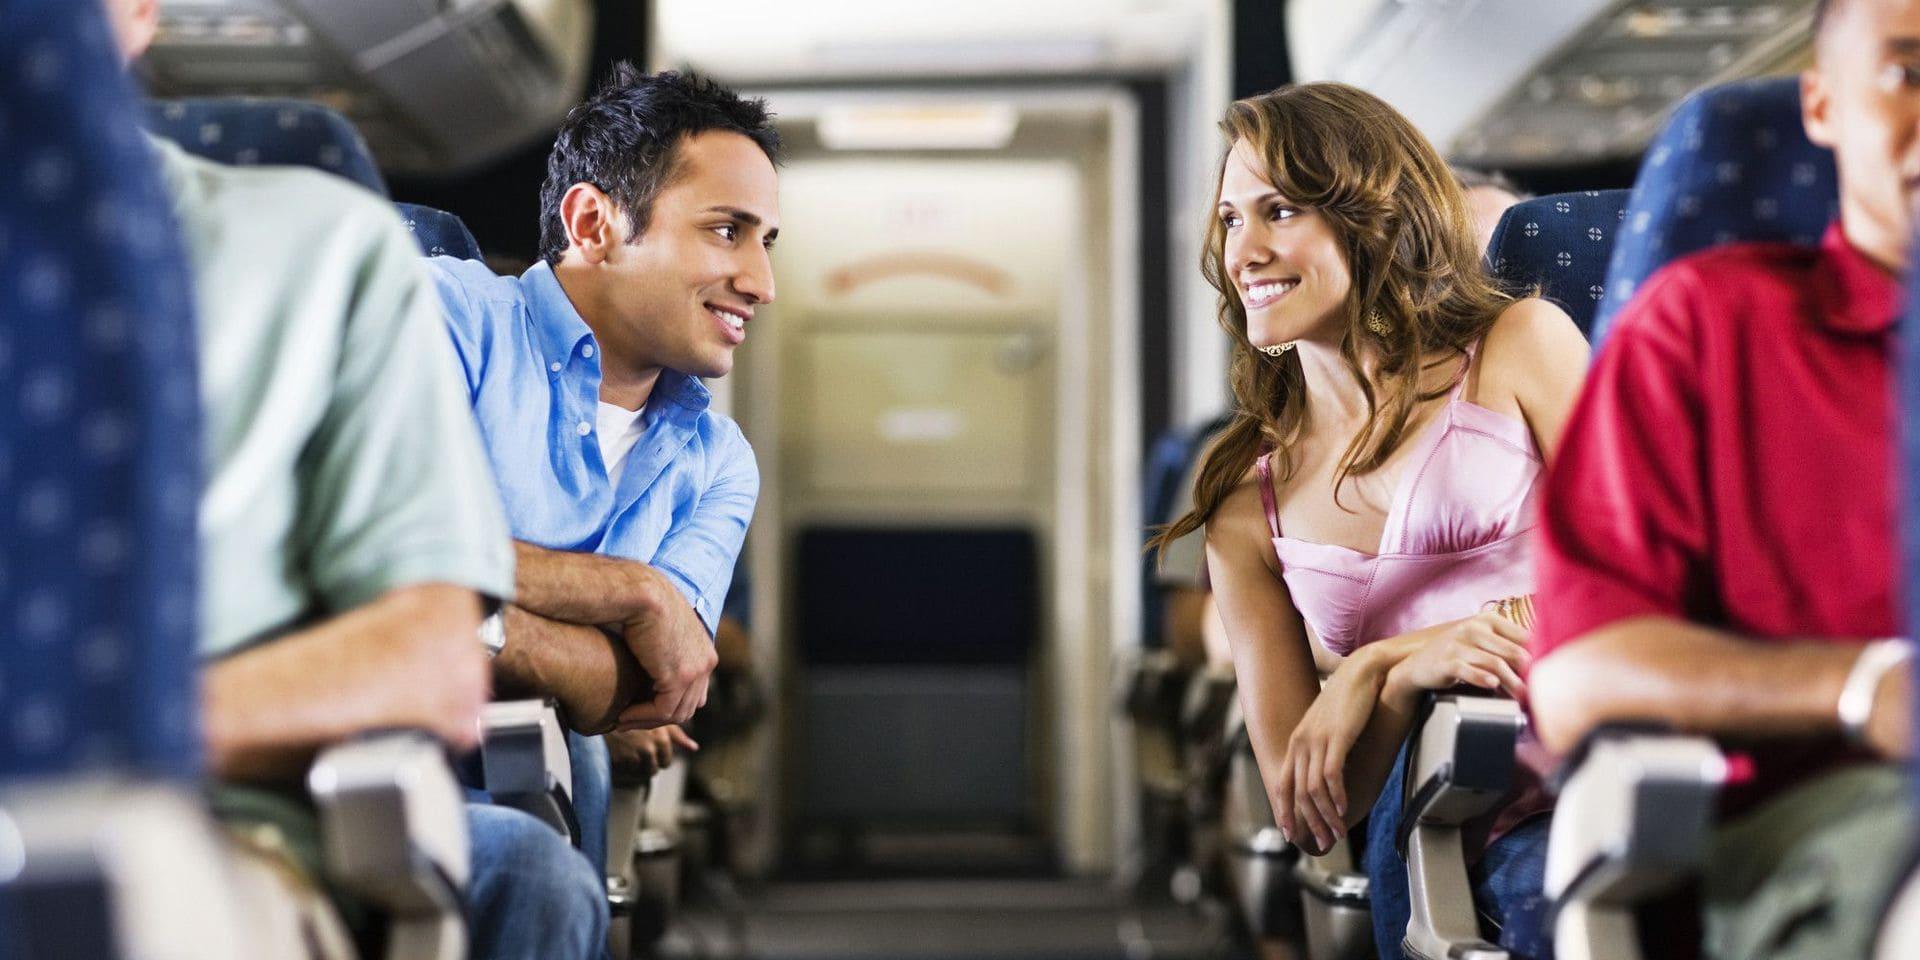 как познакомиться с мужчиной в аэропорту